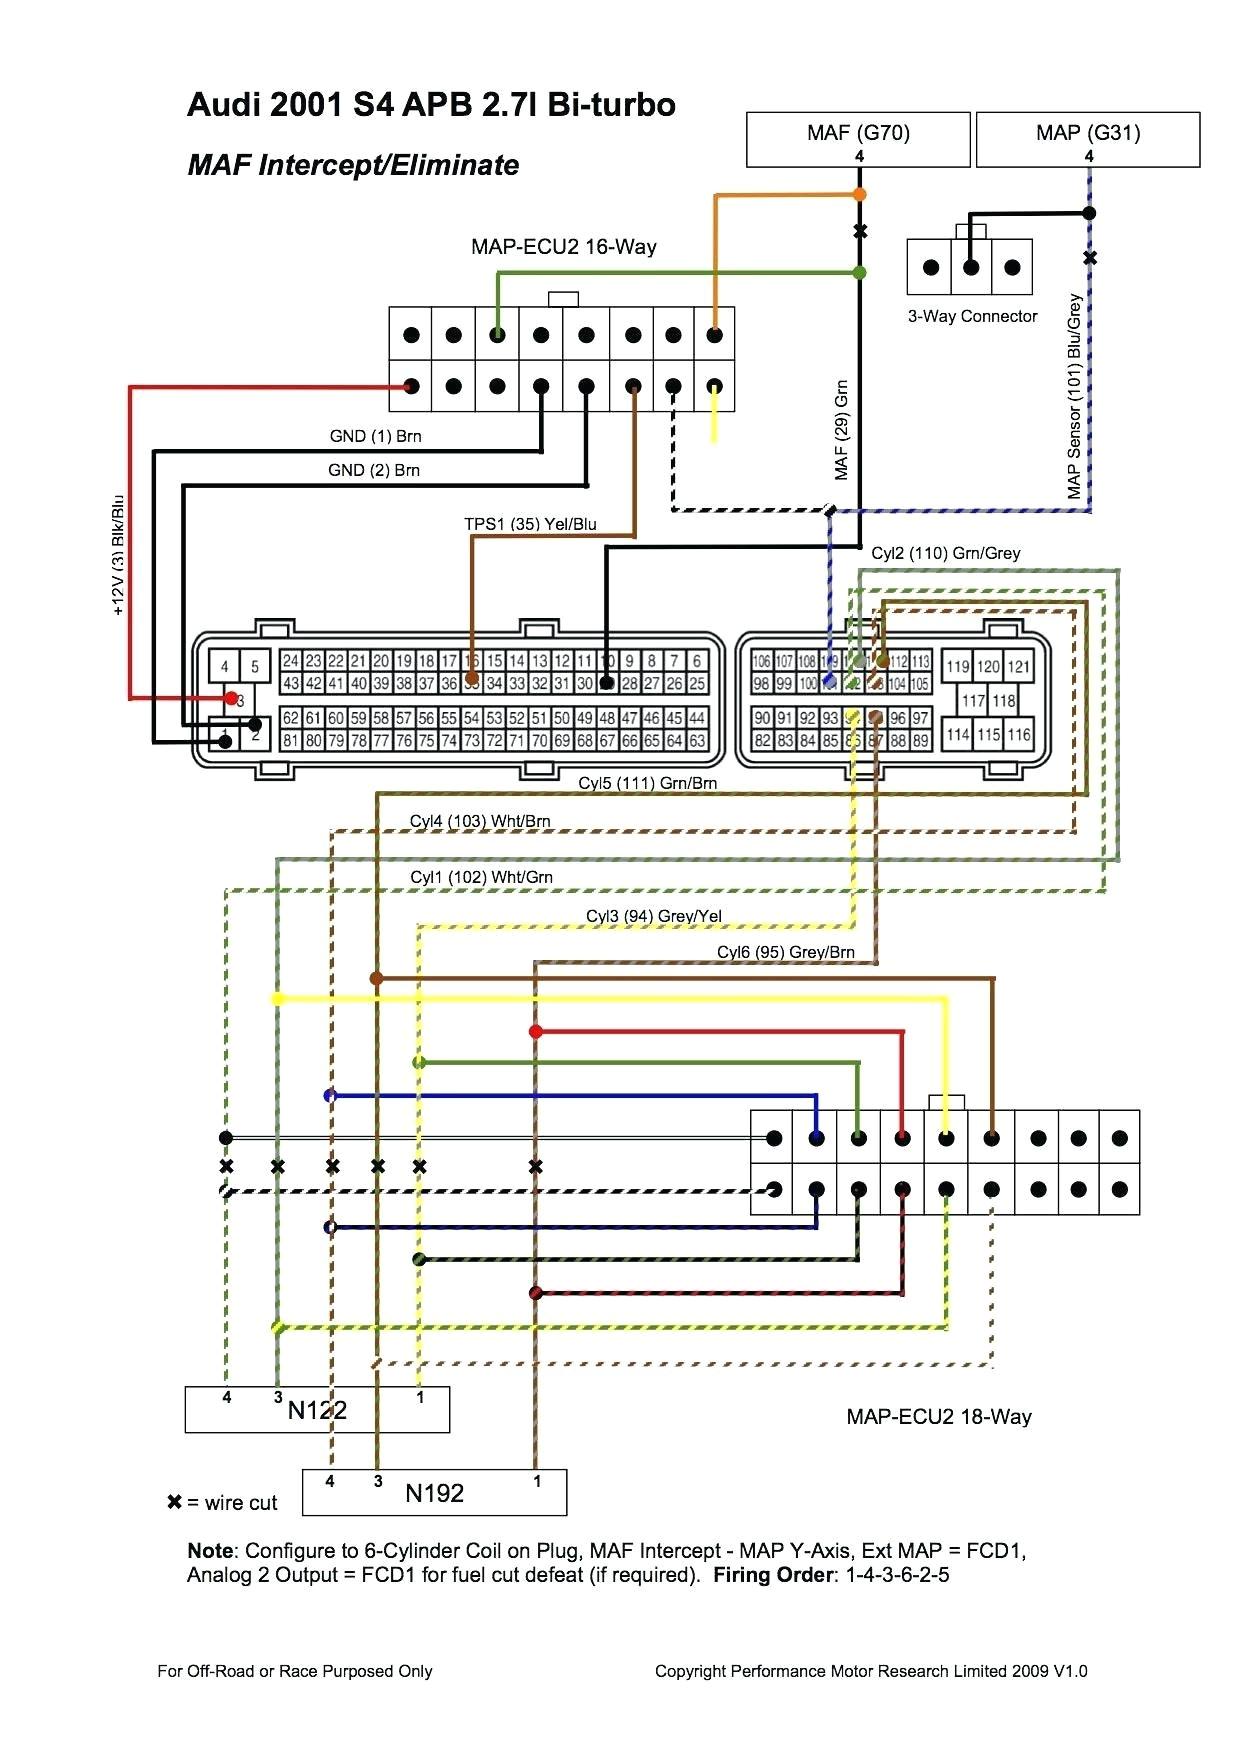 2014 kia radio wiring diagram wiring diagrams global 2002 kia sportage radio wiring diagram wiring diagram